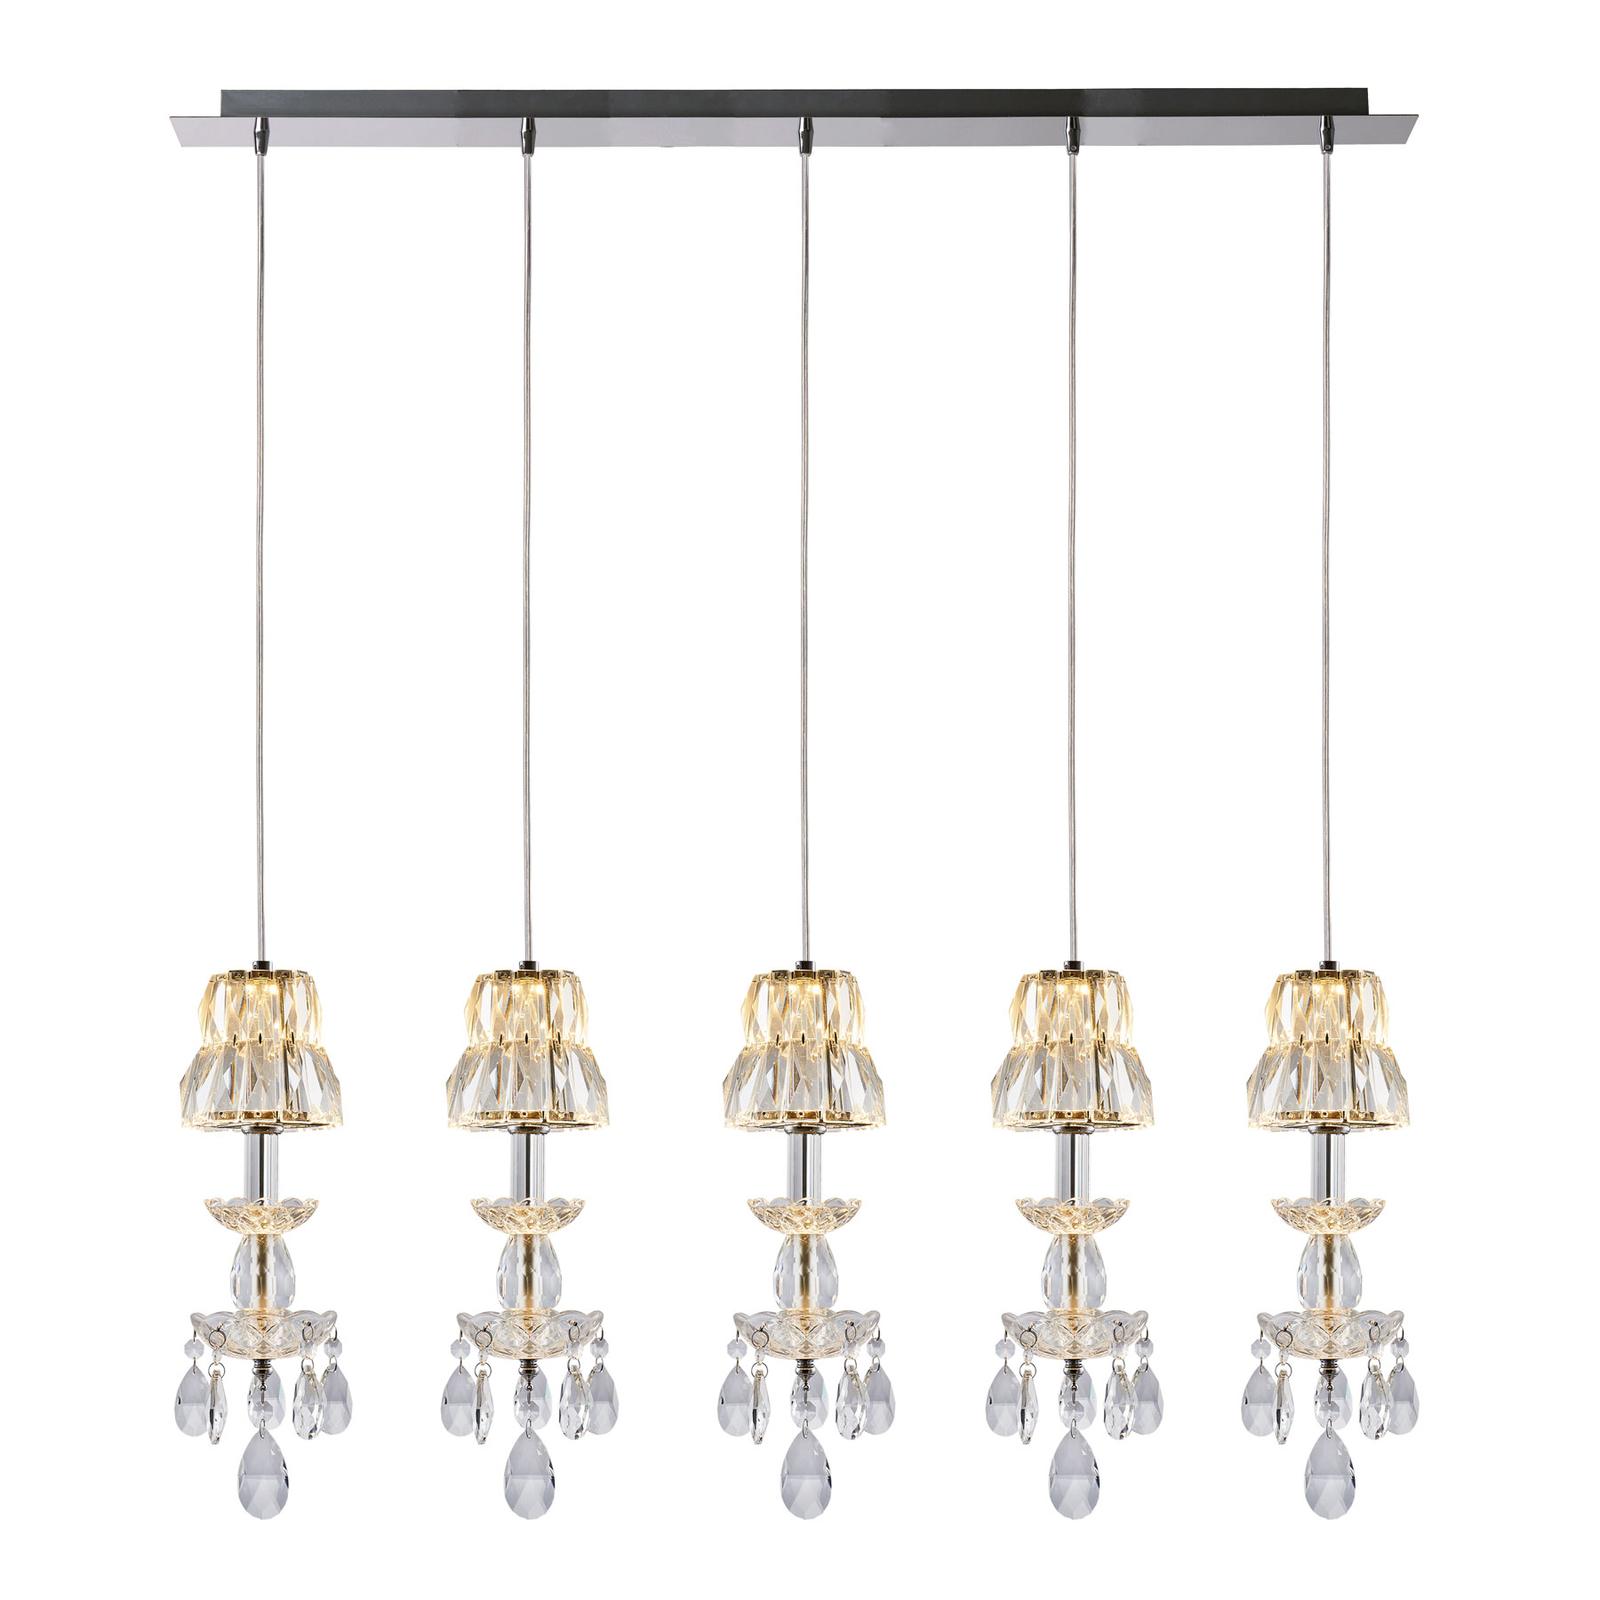 Lucande Yasanie LED-pendellampe, 5 lyskilder, lang